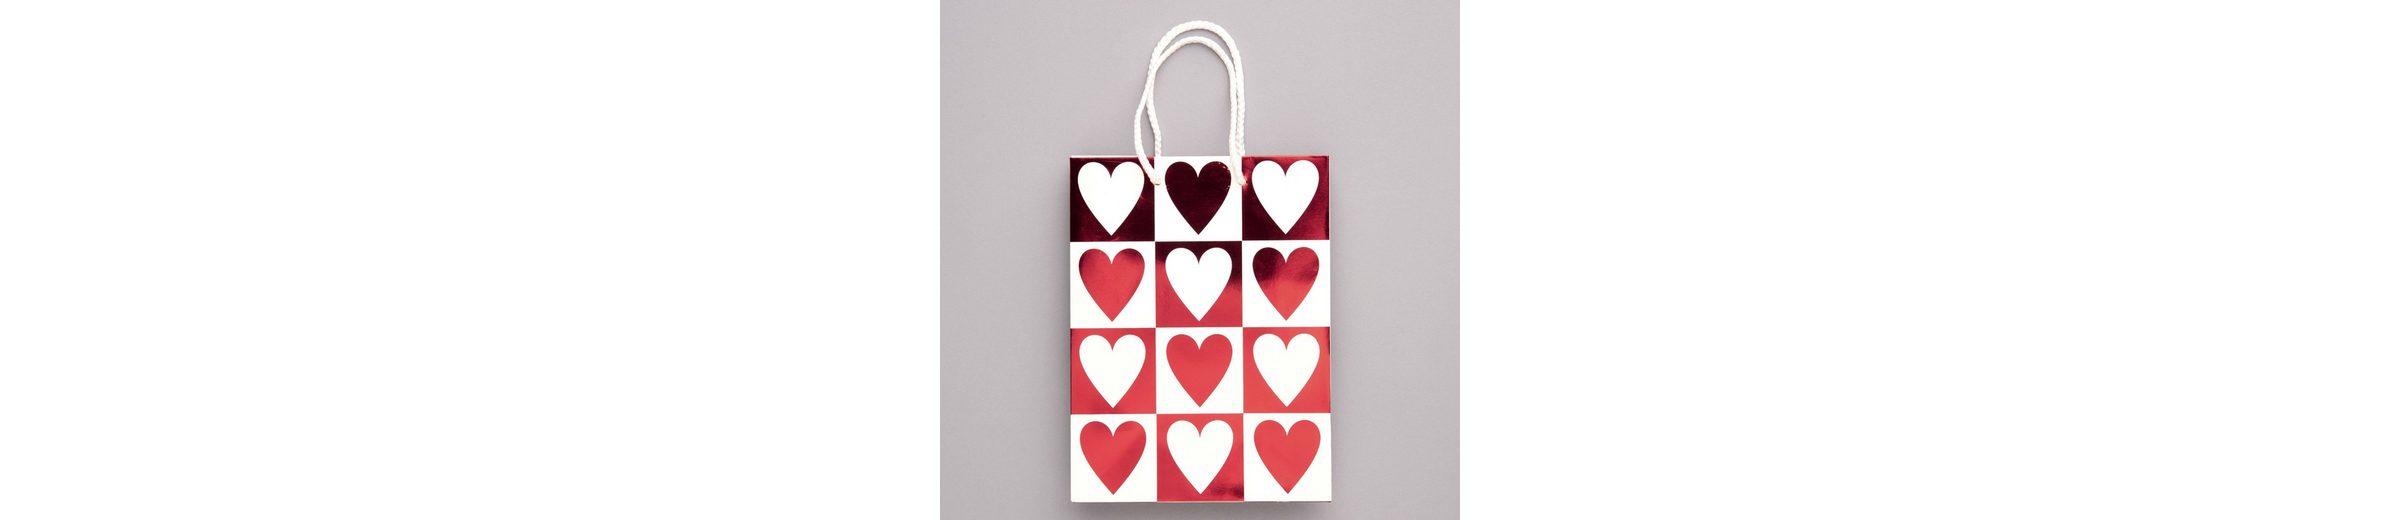 BUTLERS HEART TO HEART »Geschenktasche Doppel-Herzen«